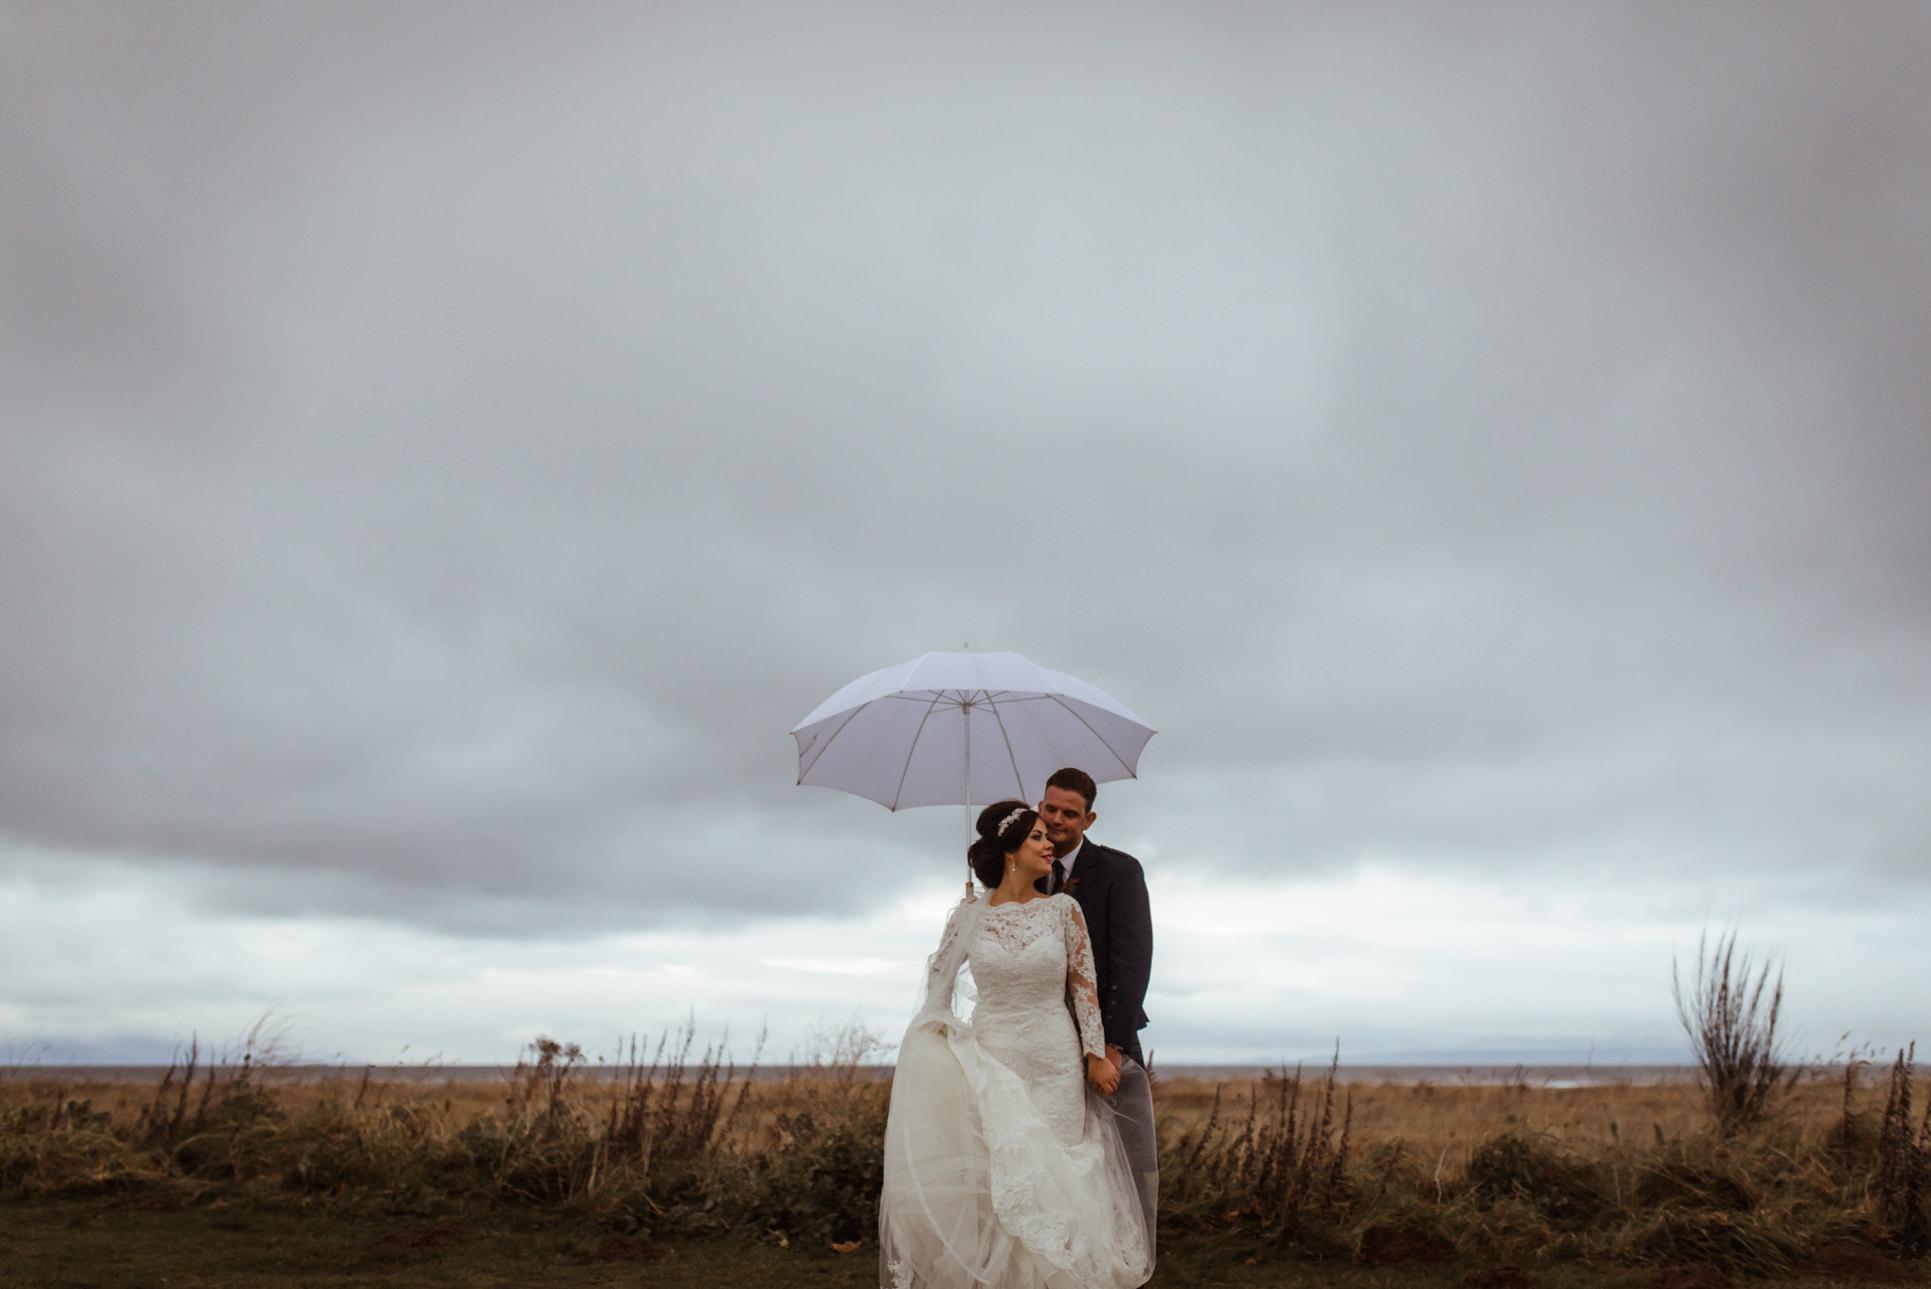 brig-o-doon-wedding-photography.jpg